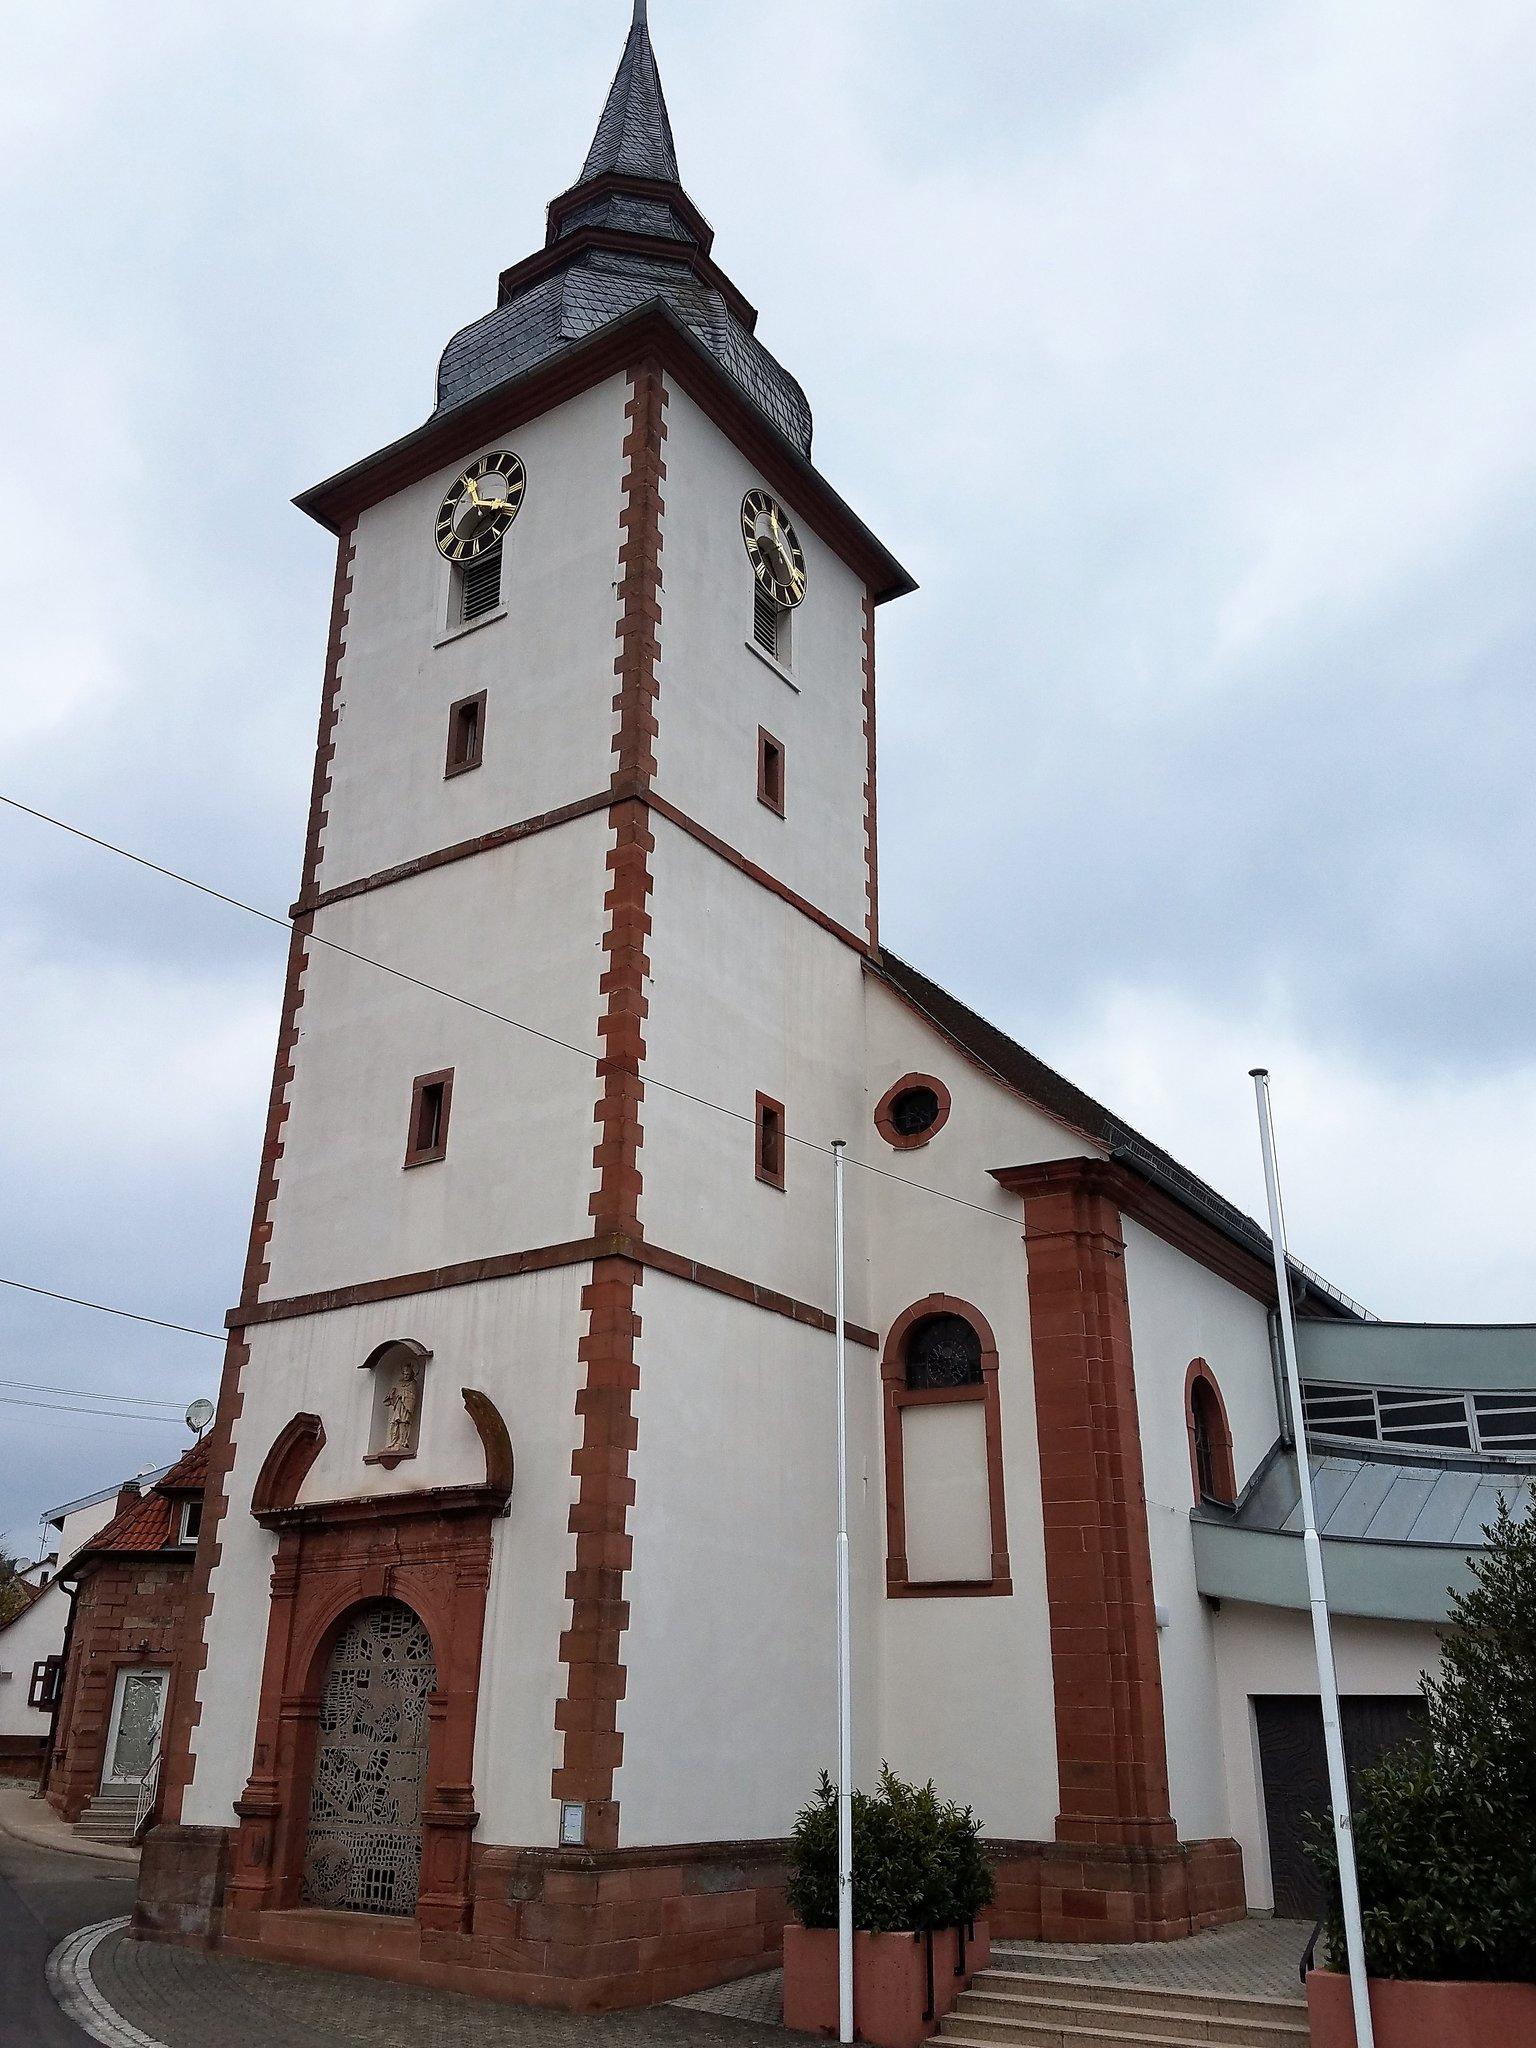 Weihnachtskonzert Am 9 Dezember In Gossersweiler Das Programm